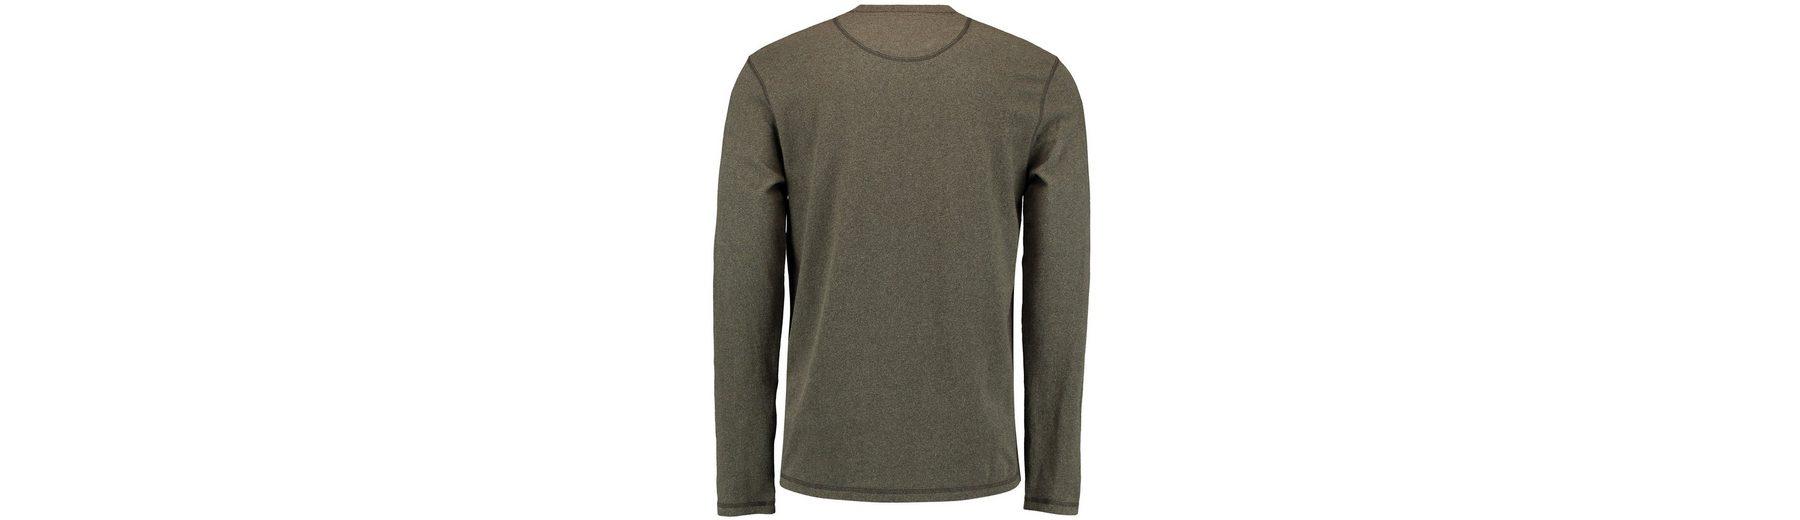 Sauber Und Klassisch Freies Verschiffen 100% Authentisch O'Neill T-Shirt langärmelig Jack's Base Henley Erstaunlicher Preis Schnell Express Eastbay Verkauf Online HUBIRe4I2